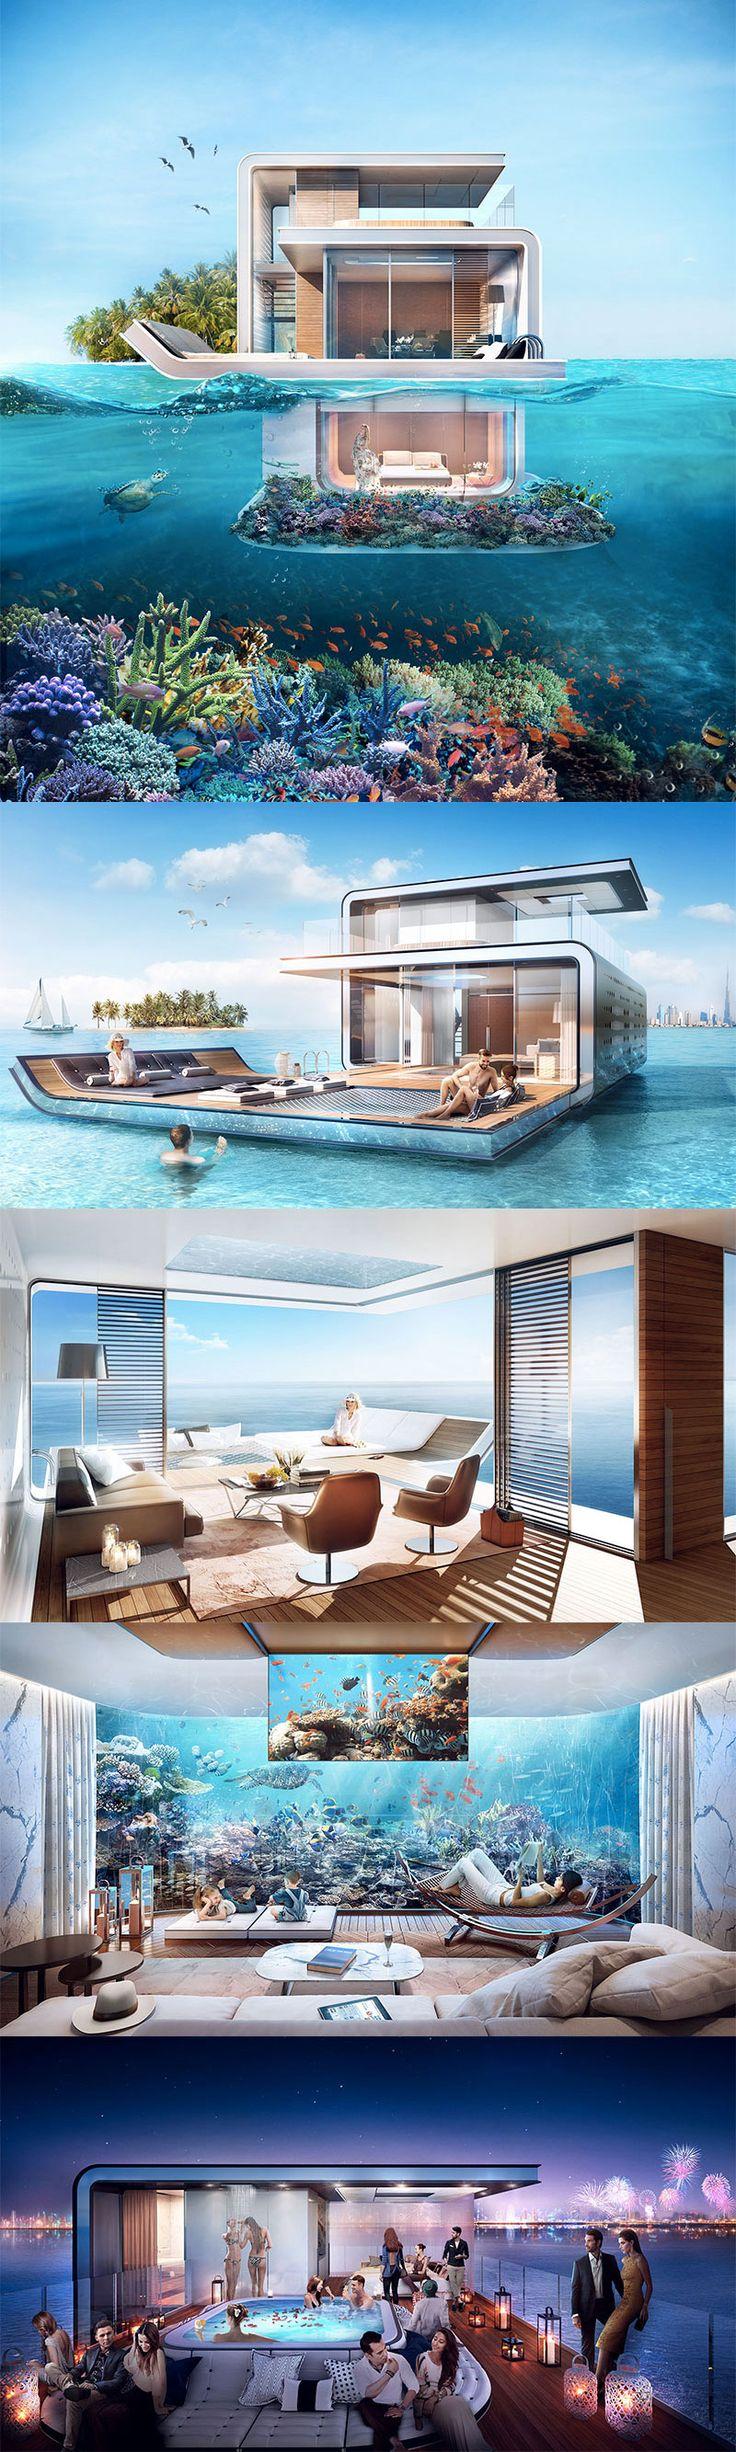 #Architettura #Dubai - Floating Seahorse: una villa extra lusso in mezzo al mare... anzi, sotto il mare!!!